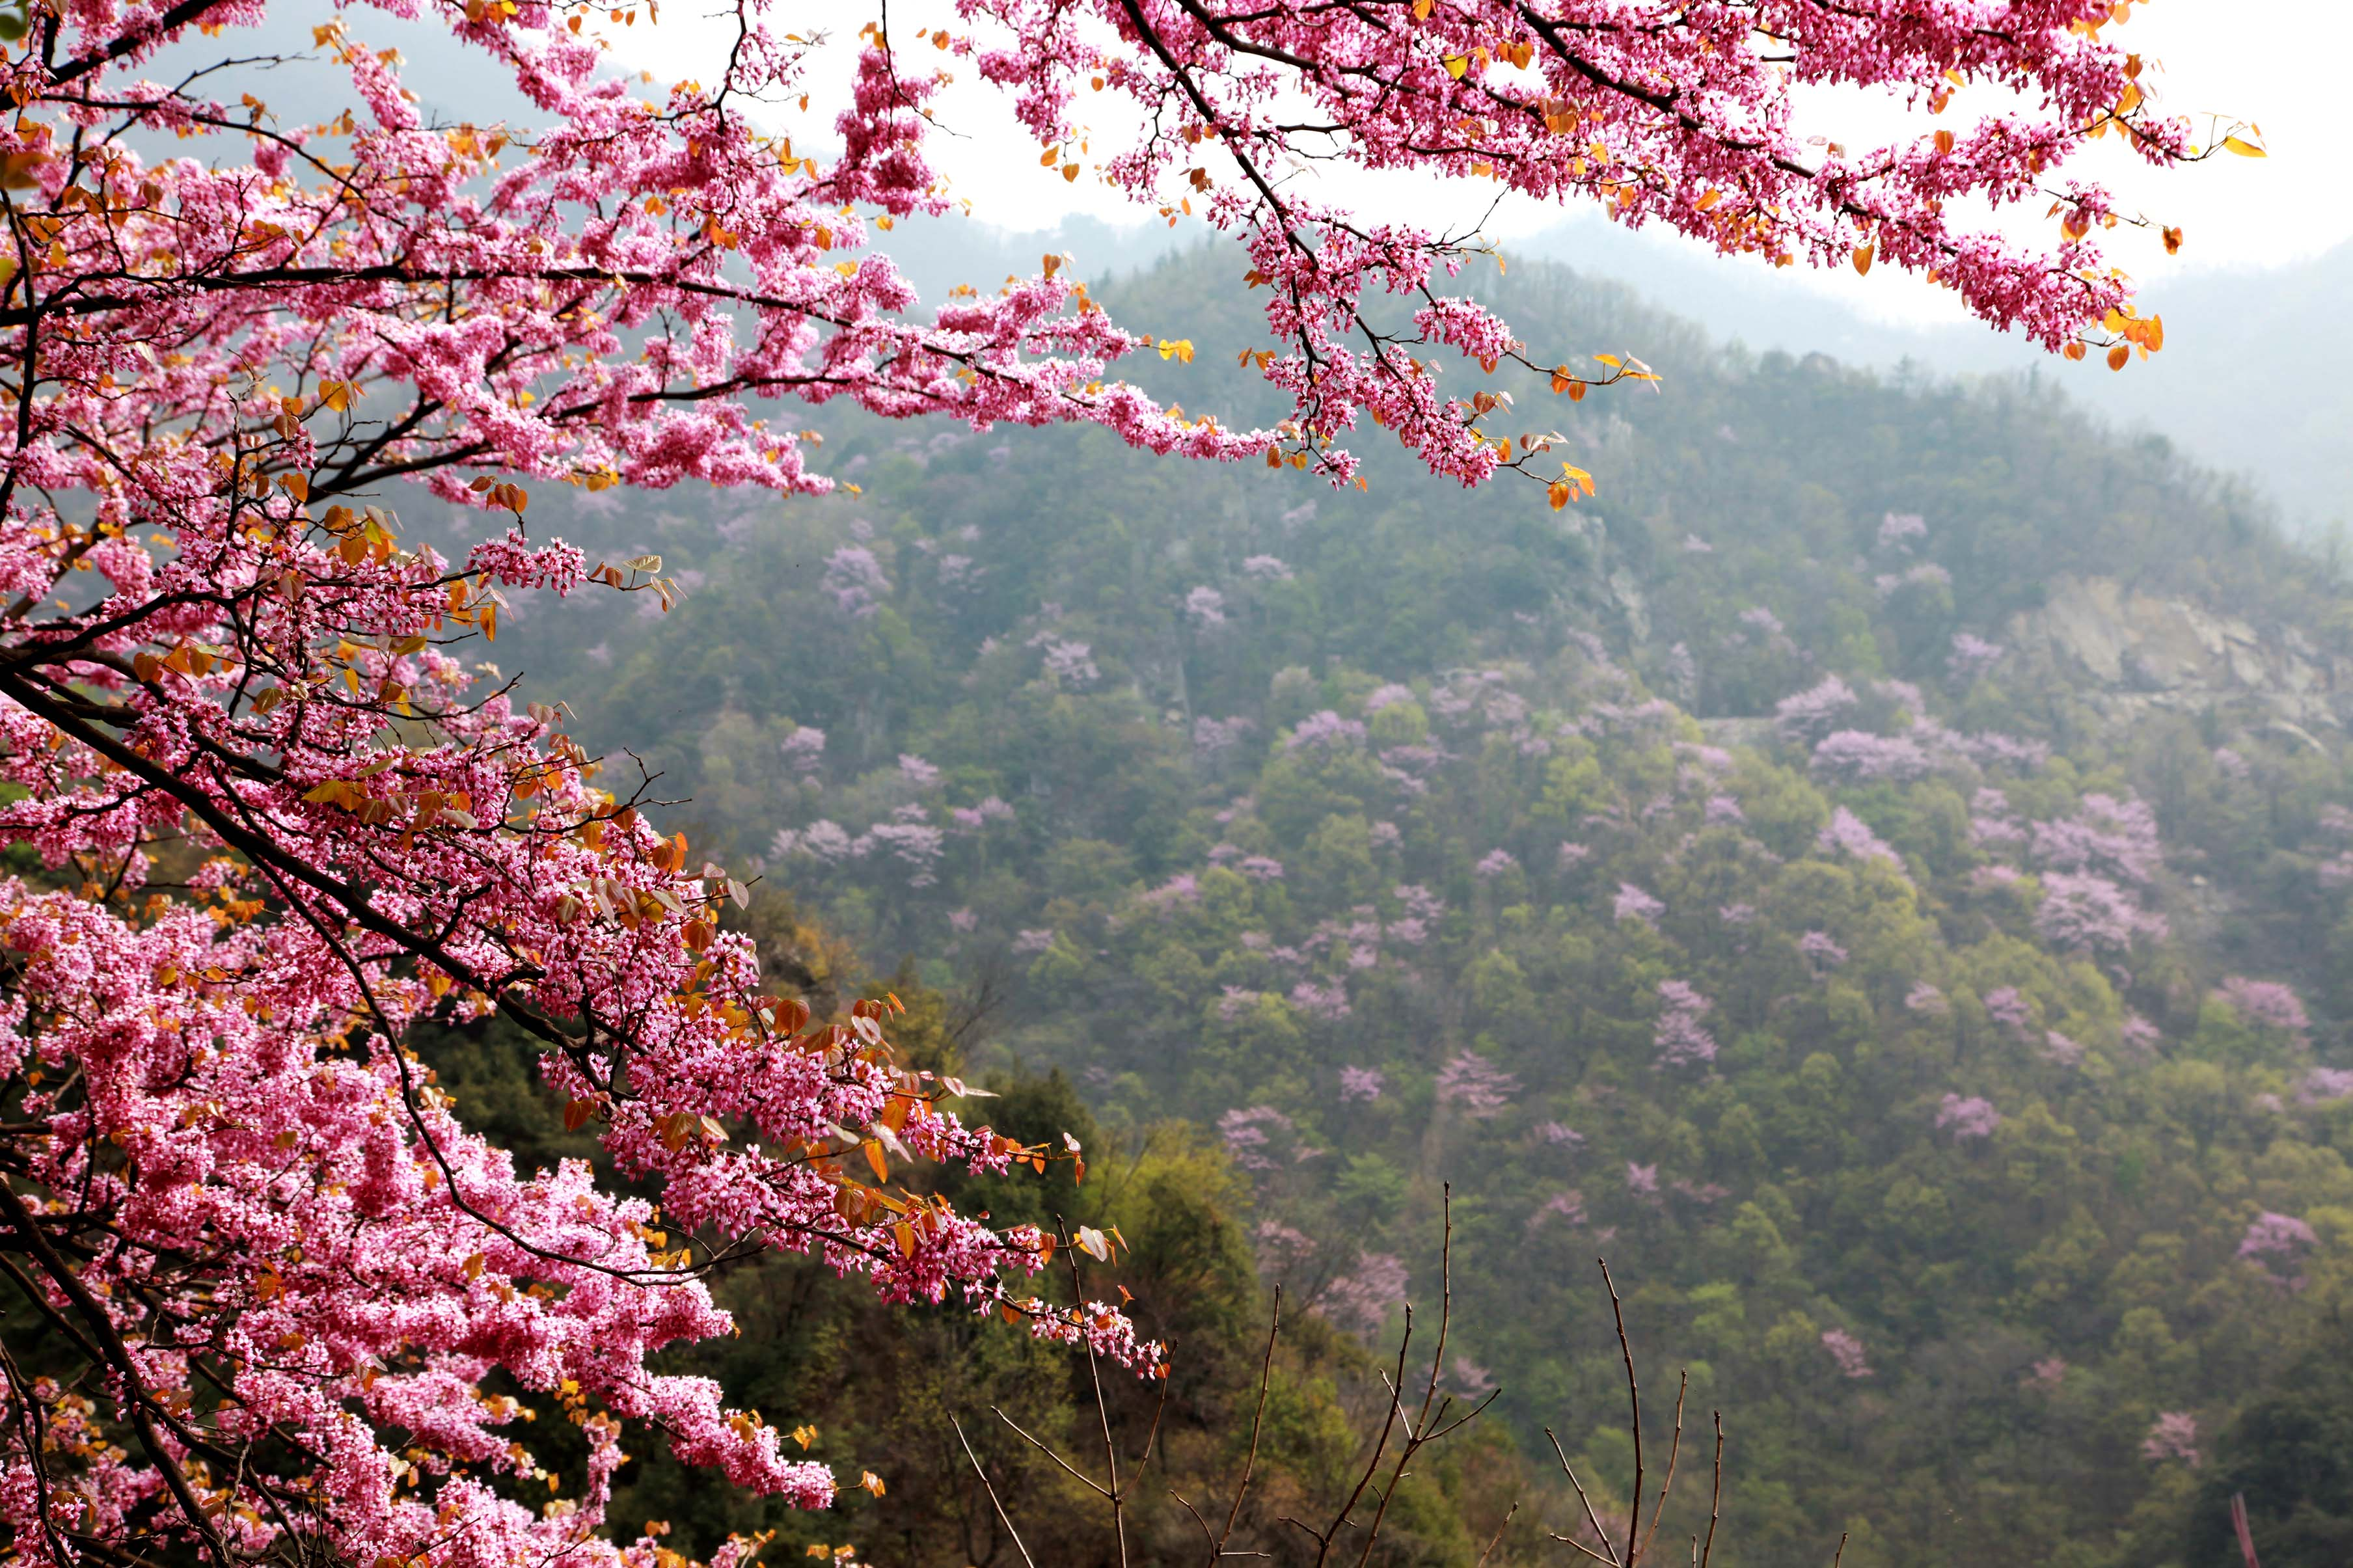 紫荆花海.jpg